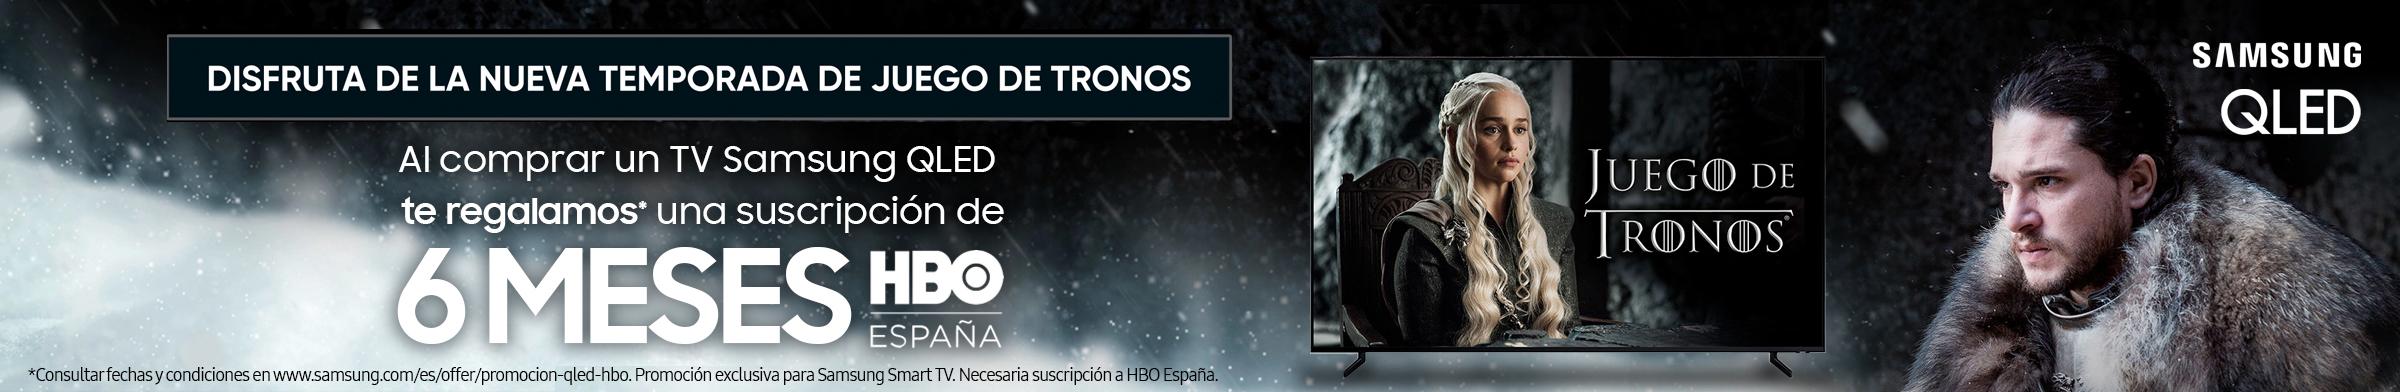 Cómprate un televisor QLED y disfruta de 6 meses de HBO España.